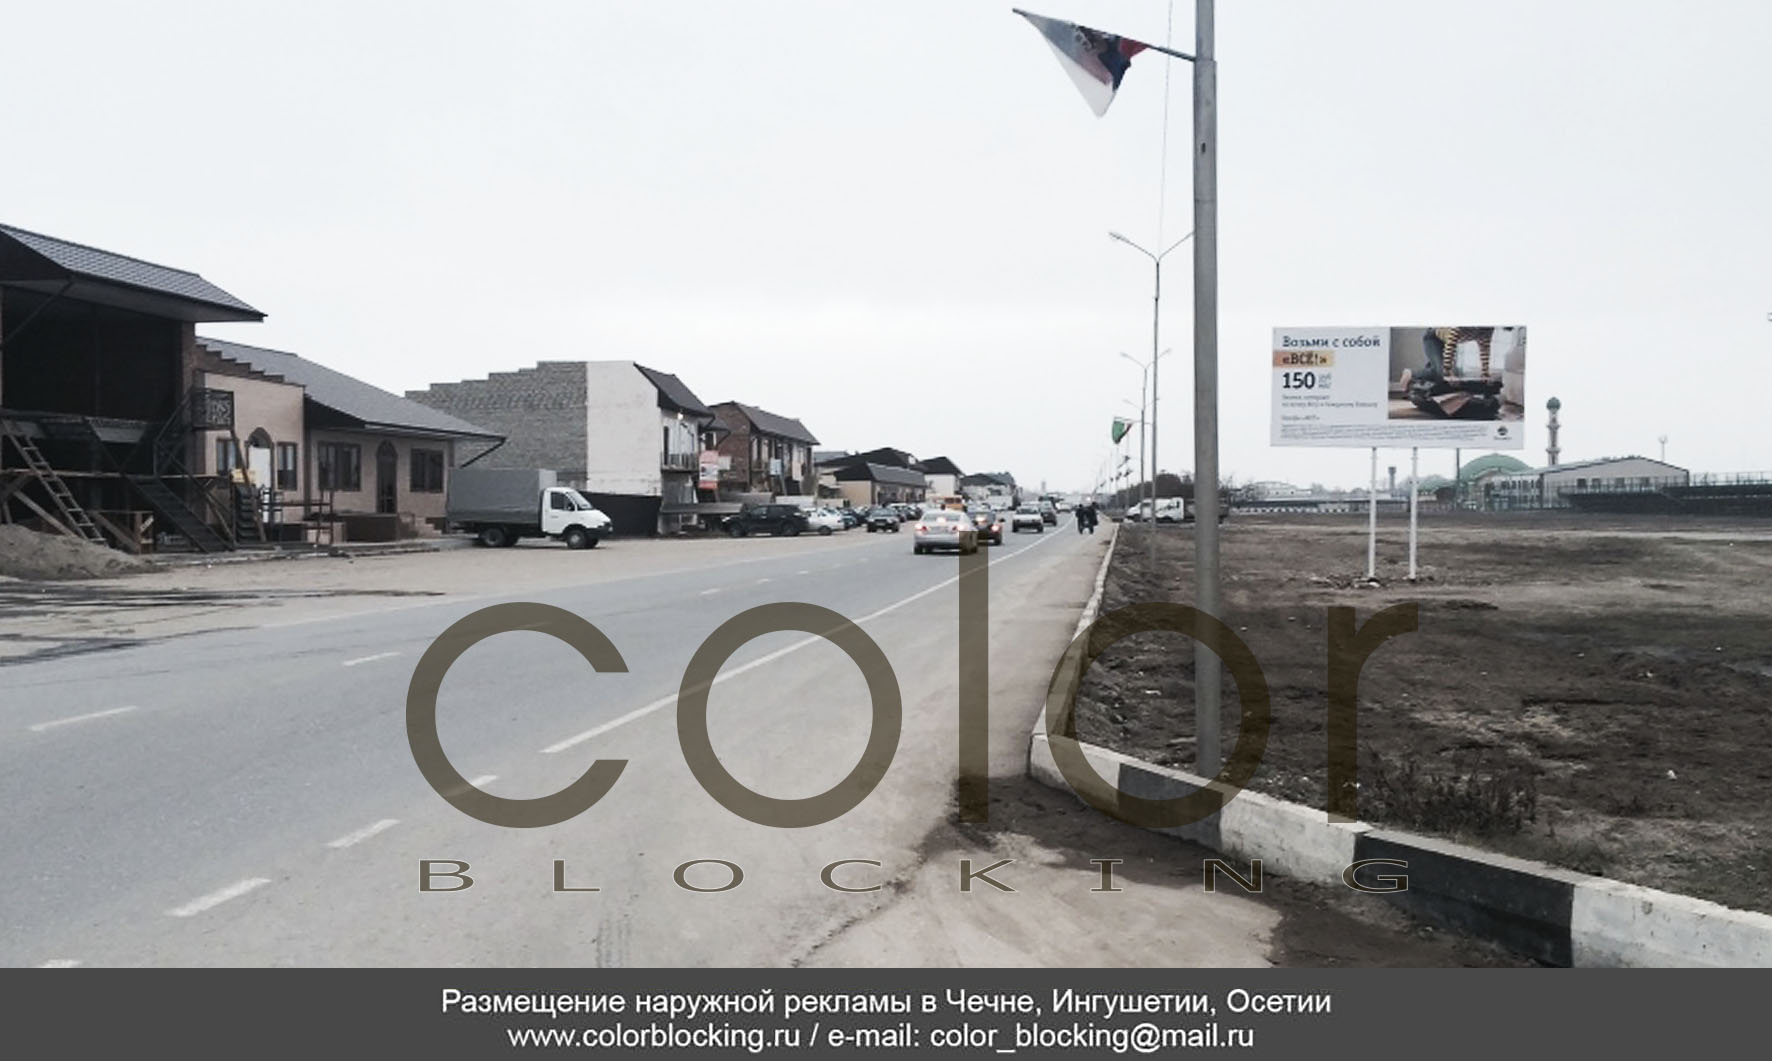 Наружная реклама в населенных пунктах Чечни Знаменское